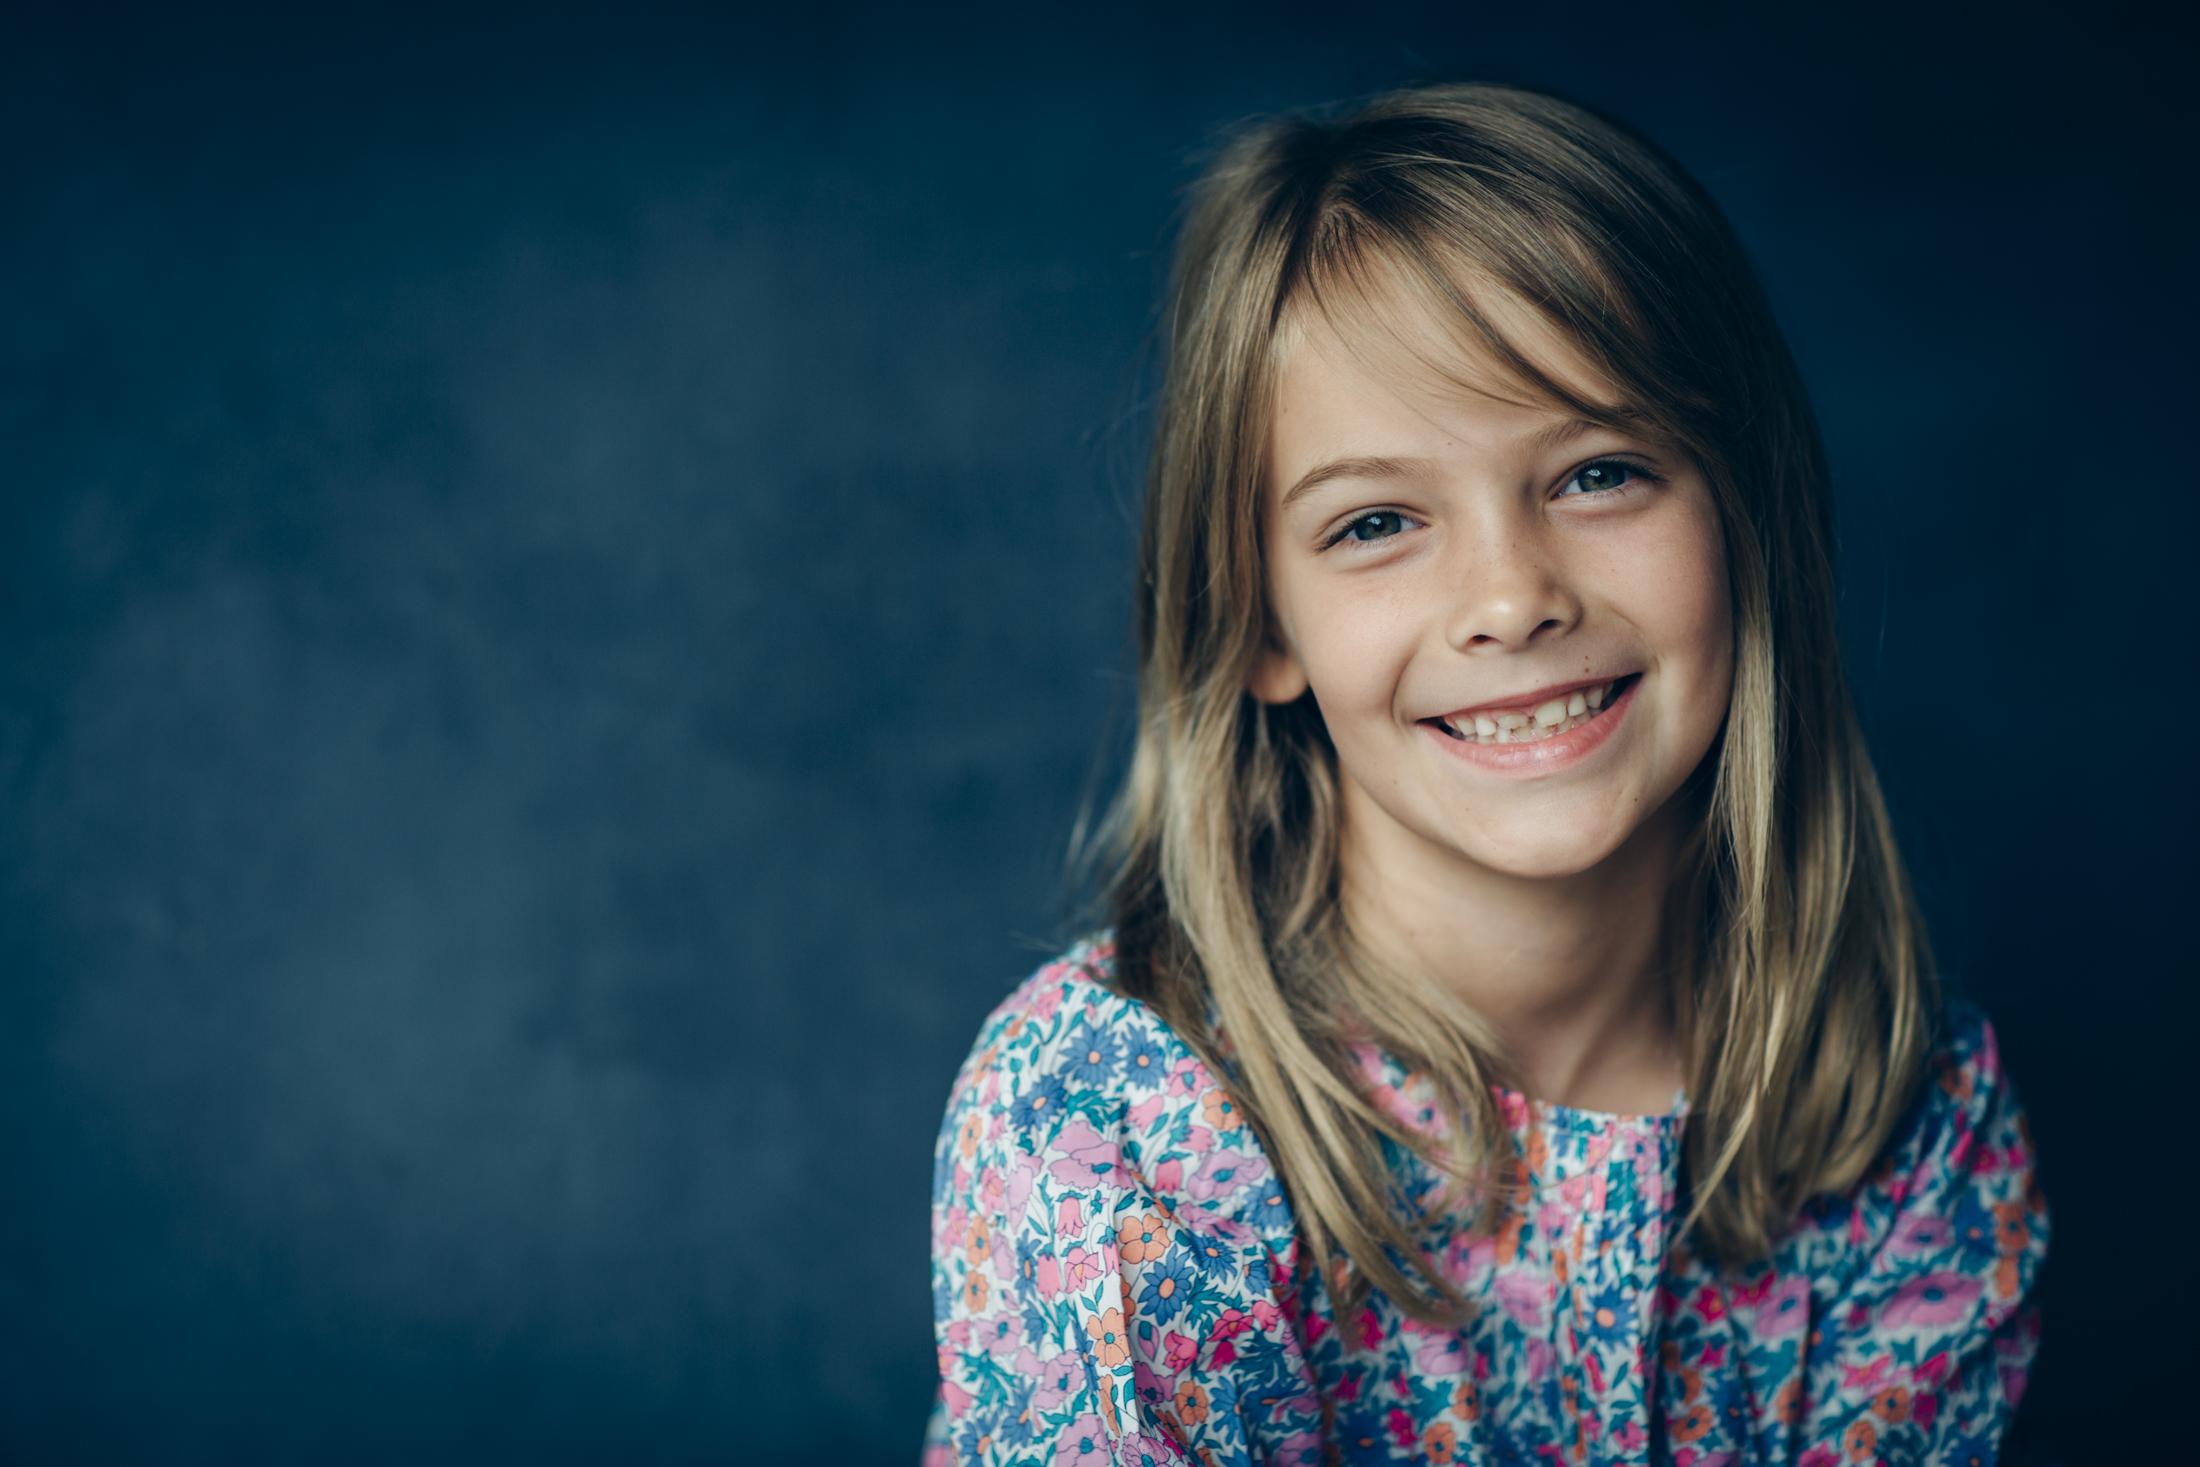 sydney_child_portrait_photgrapher_sheridan_nilsson-4717.jpg